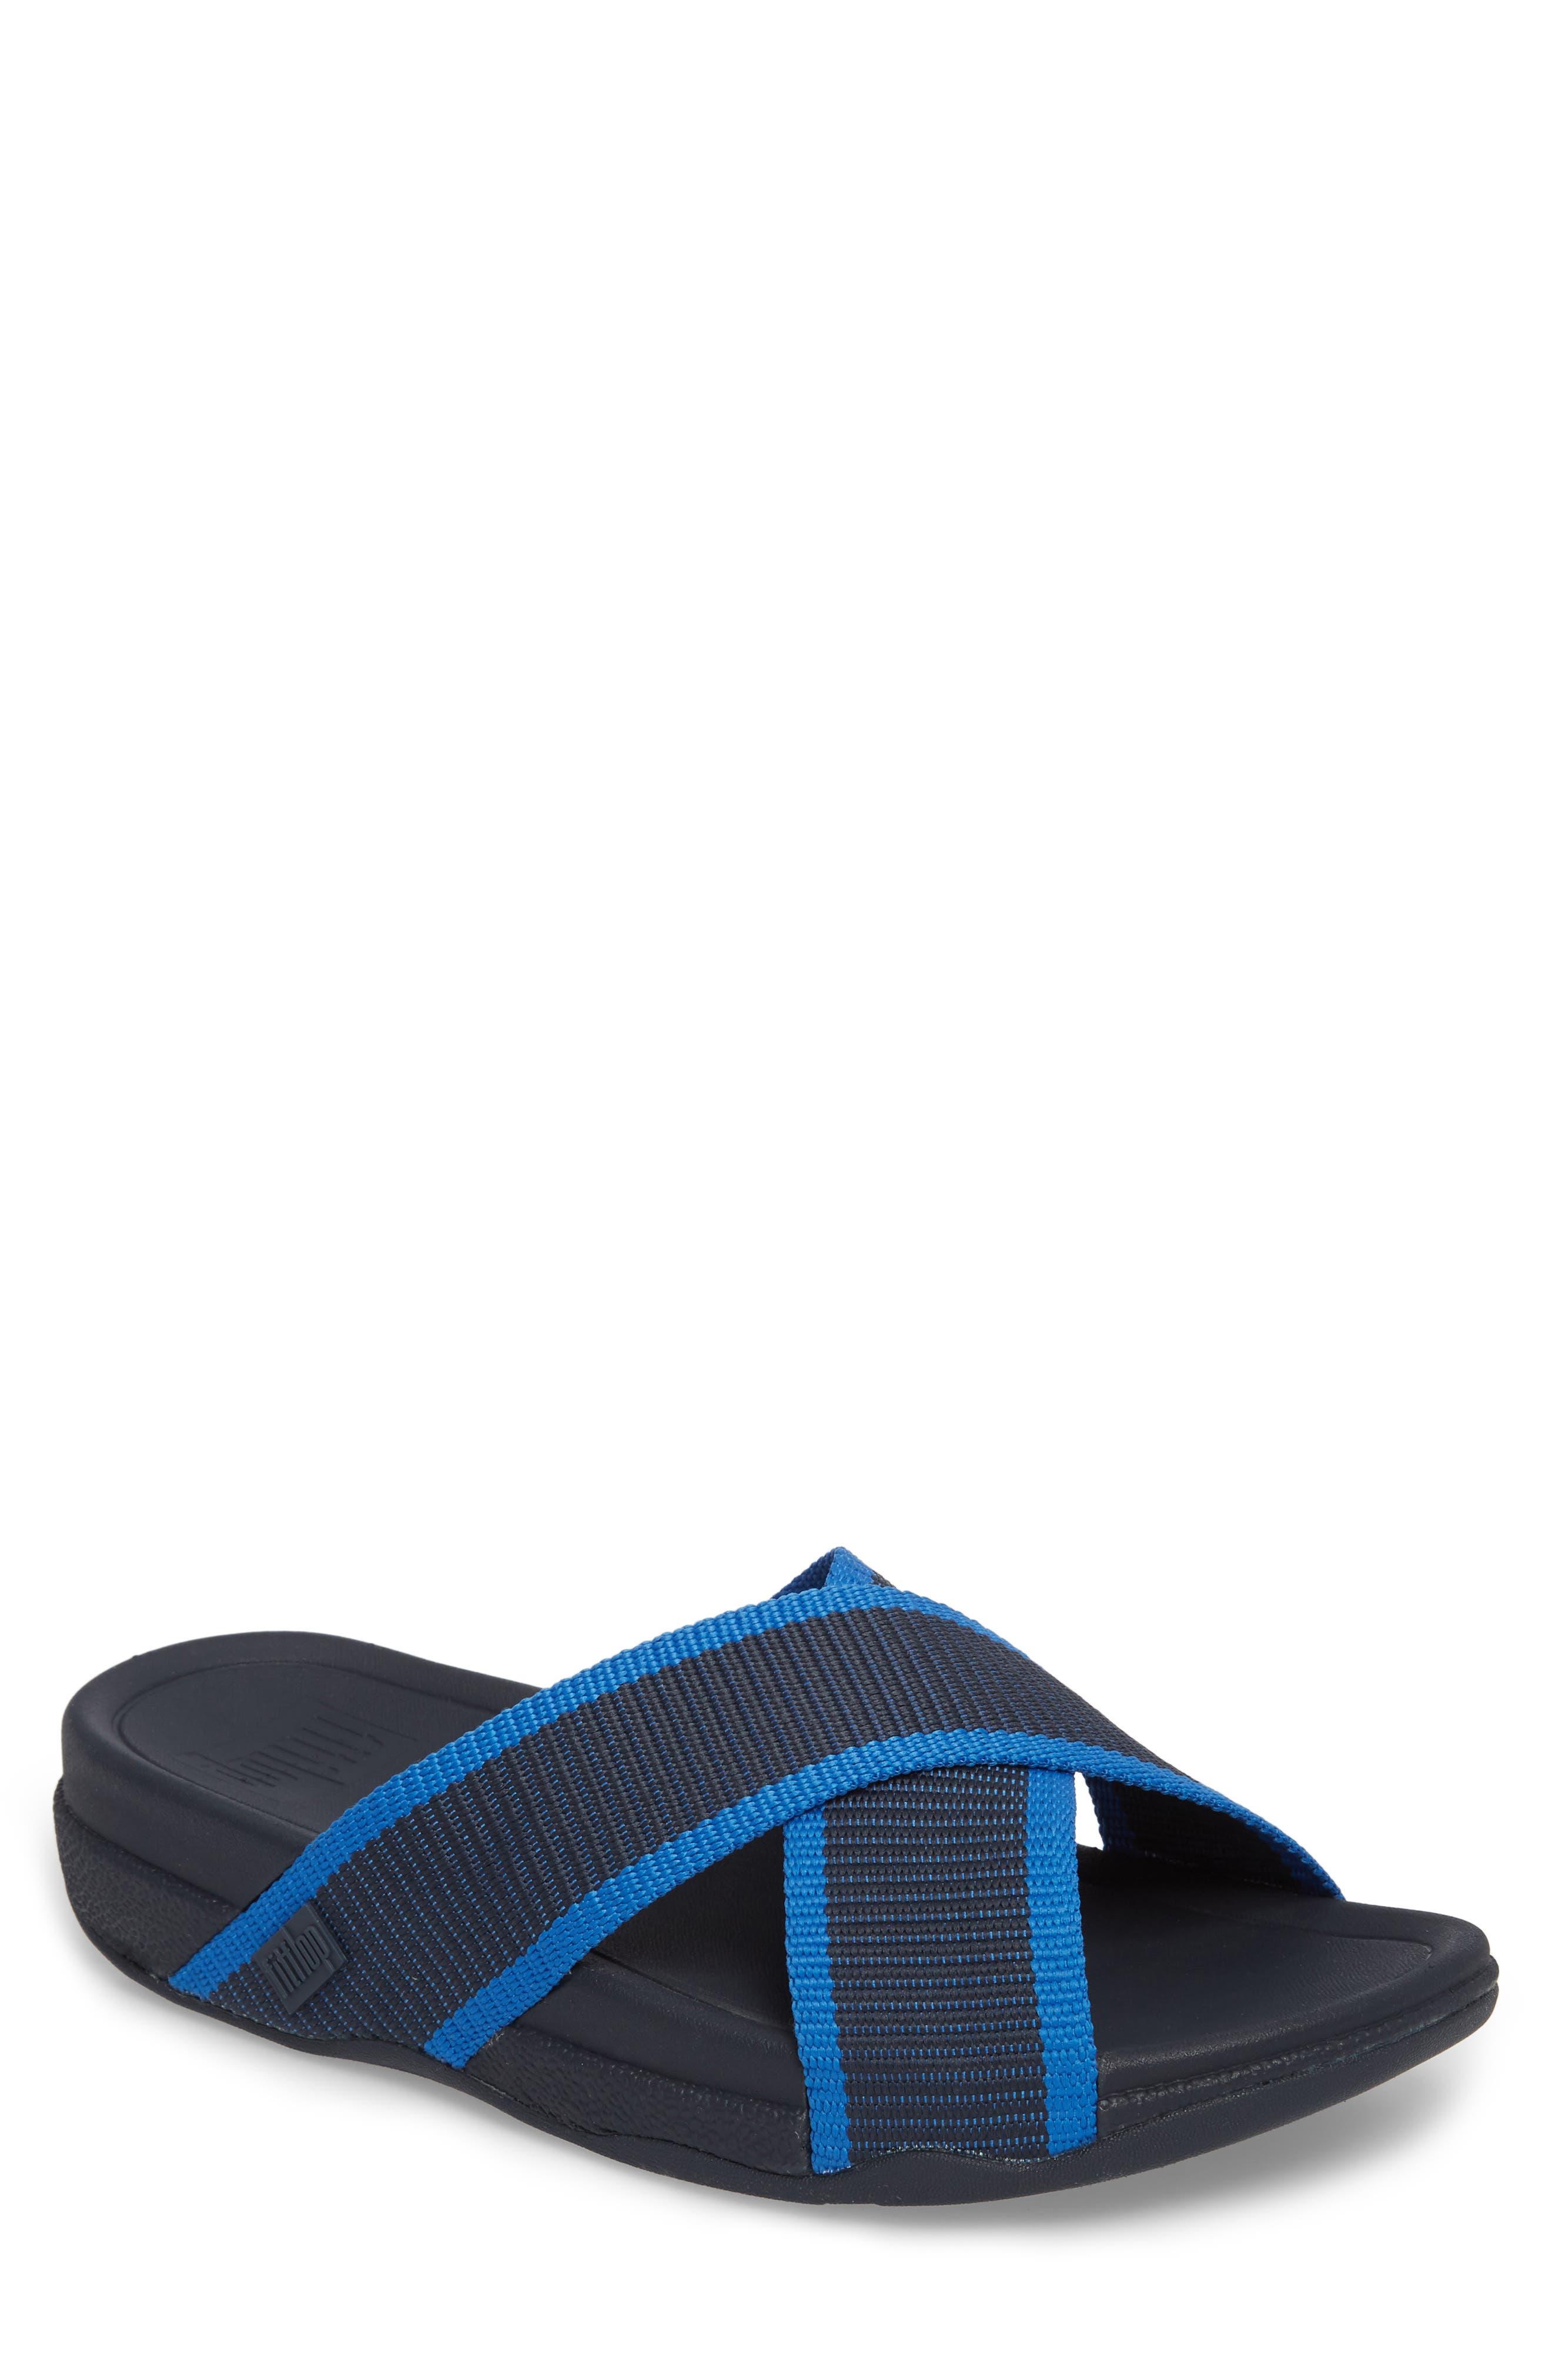 Surfer Slide Sandal,                         Main,                         color, SUPERNAVY BLUE